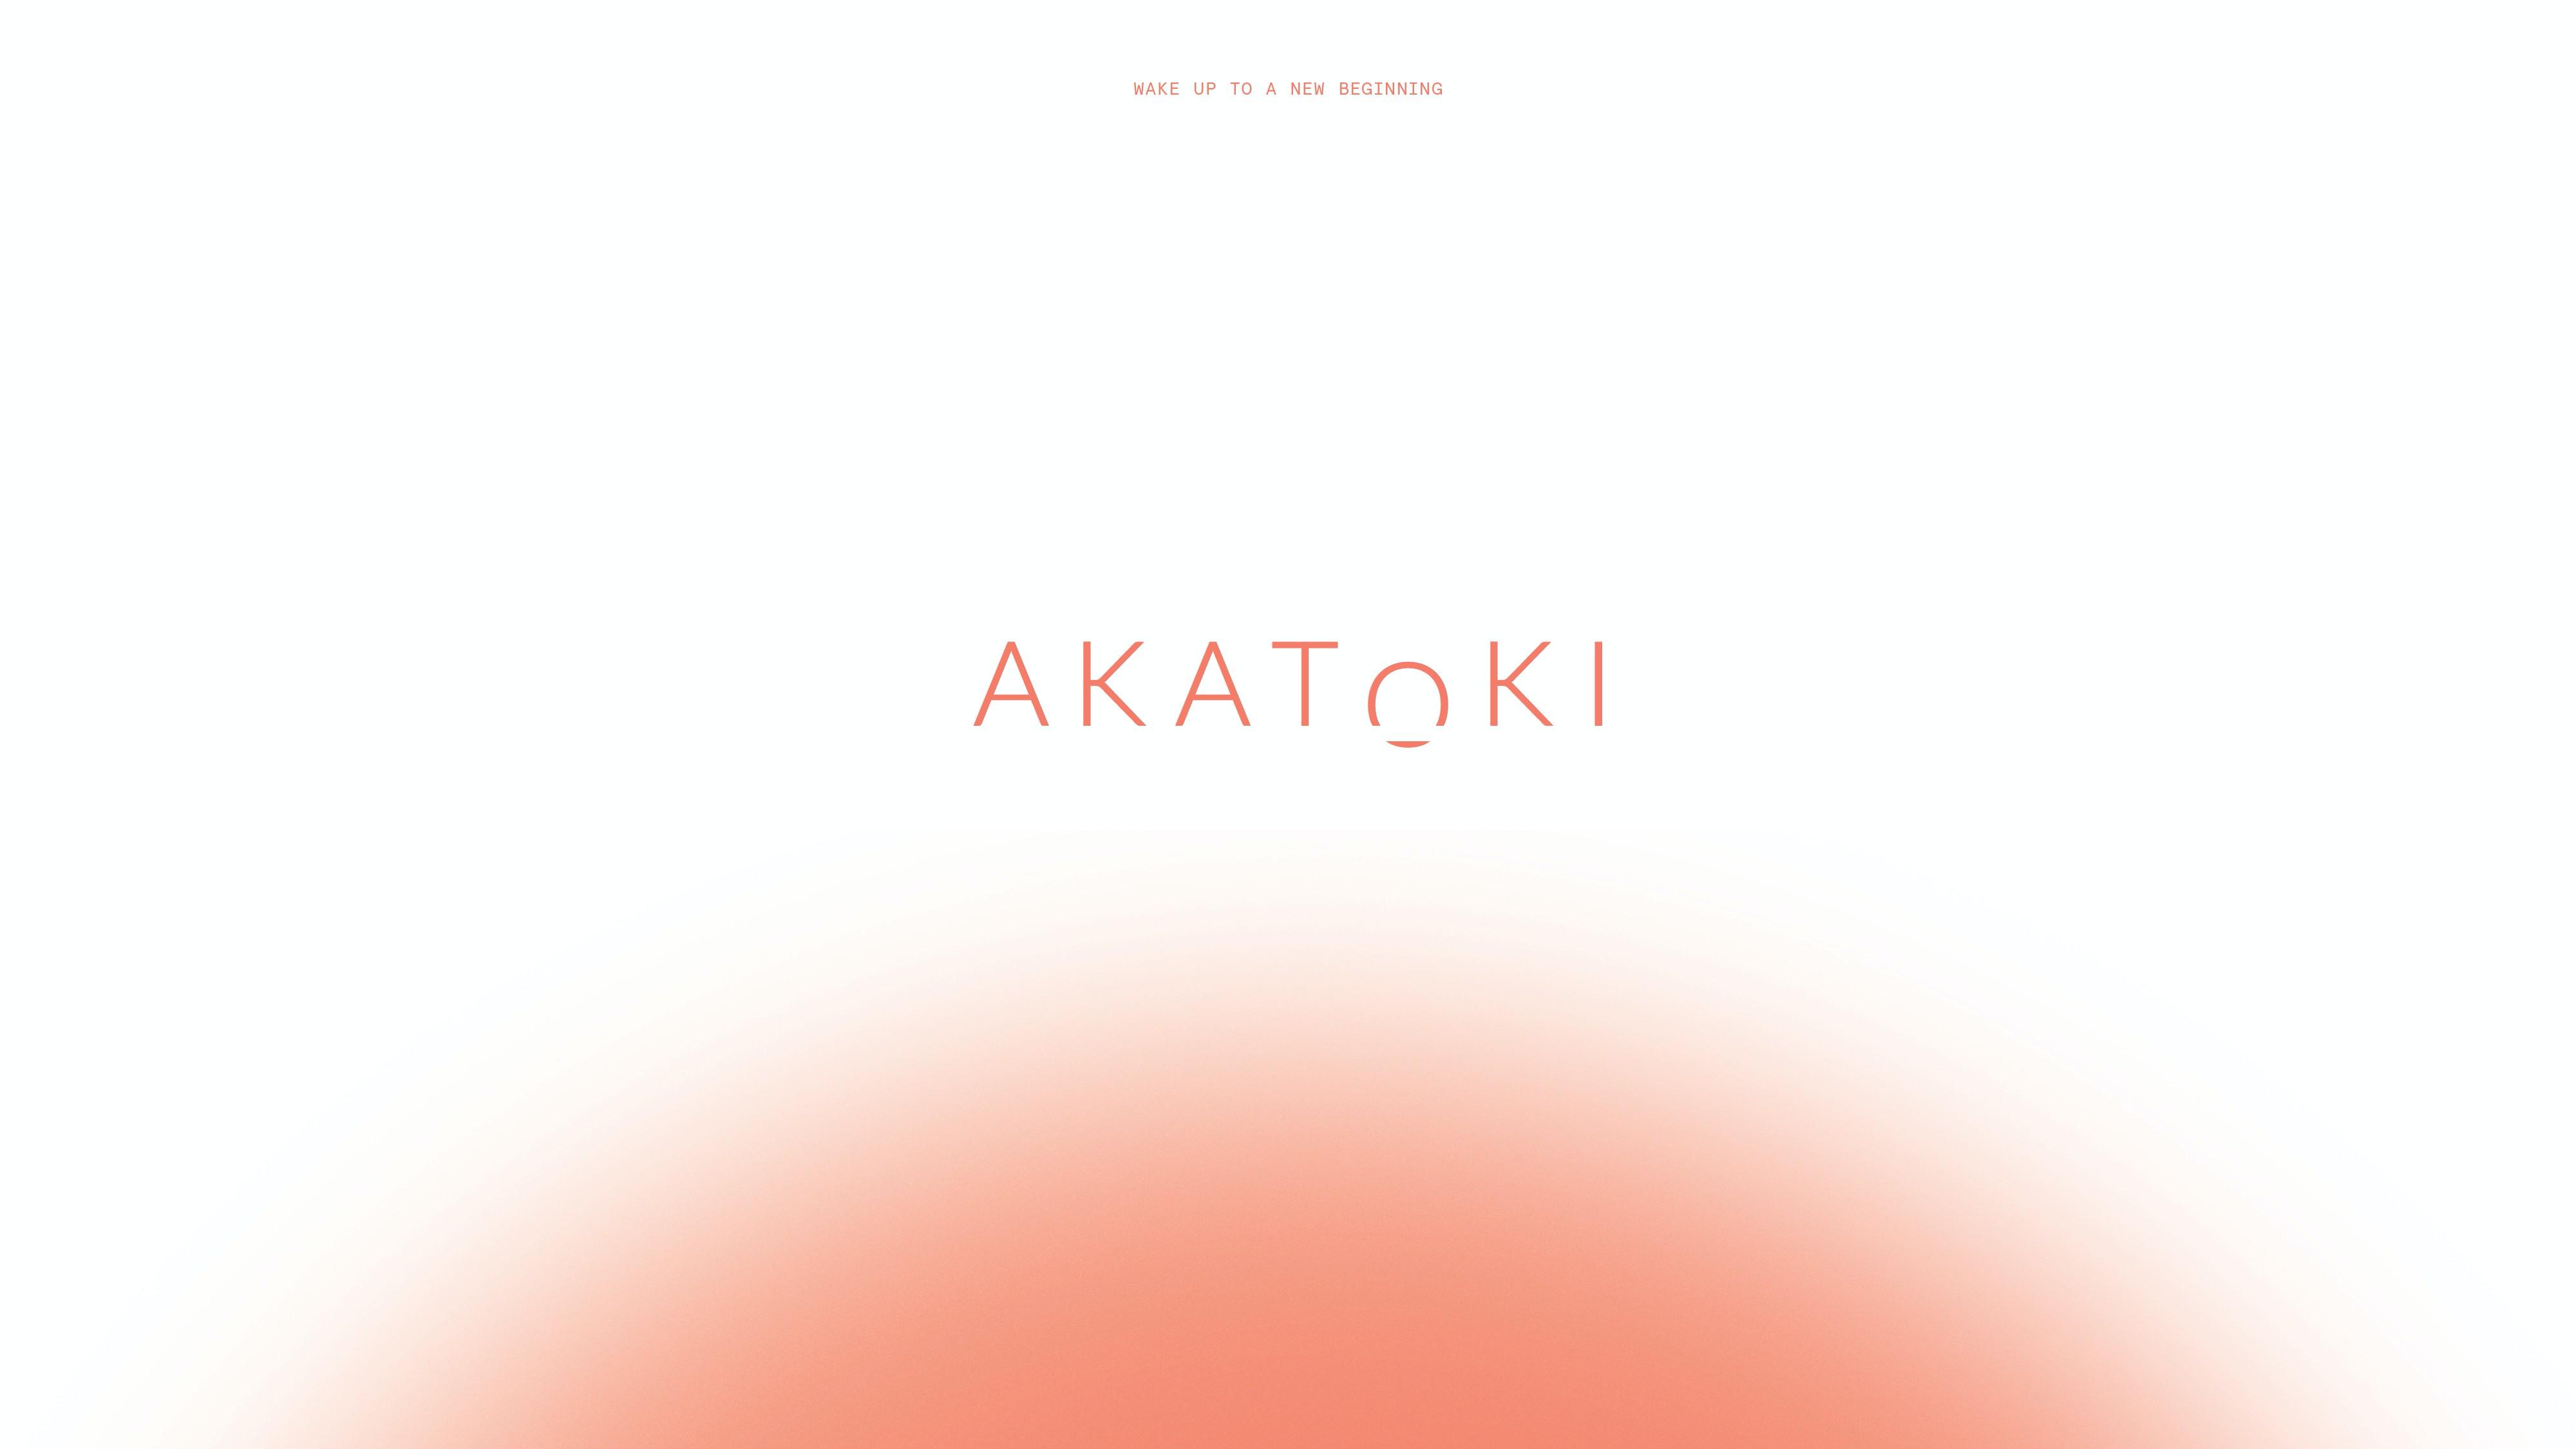 The Prince Akatoki